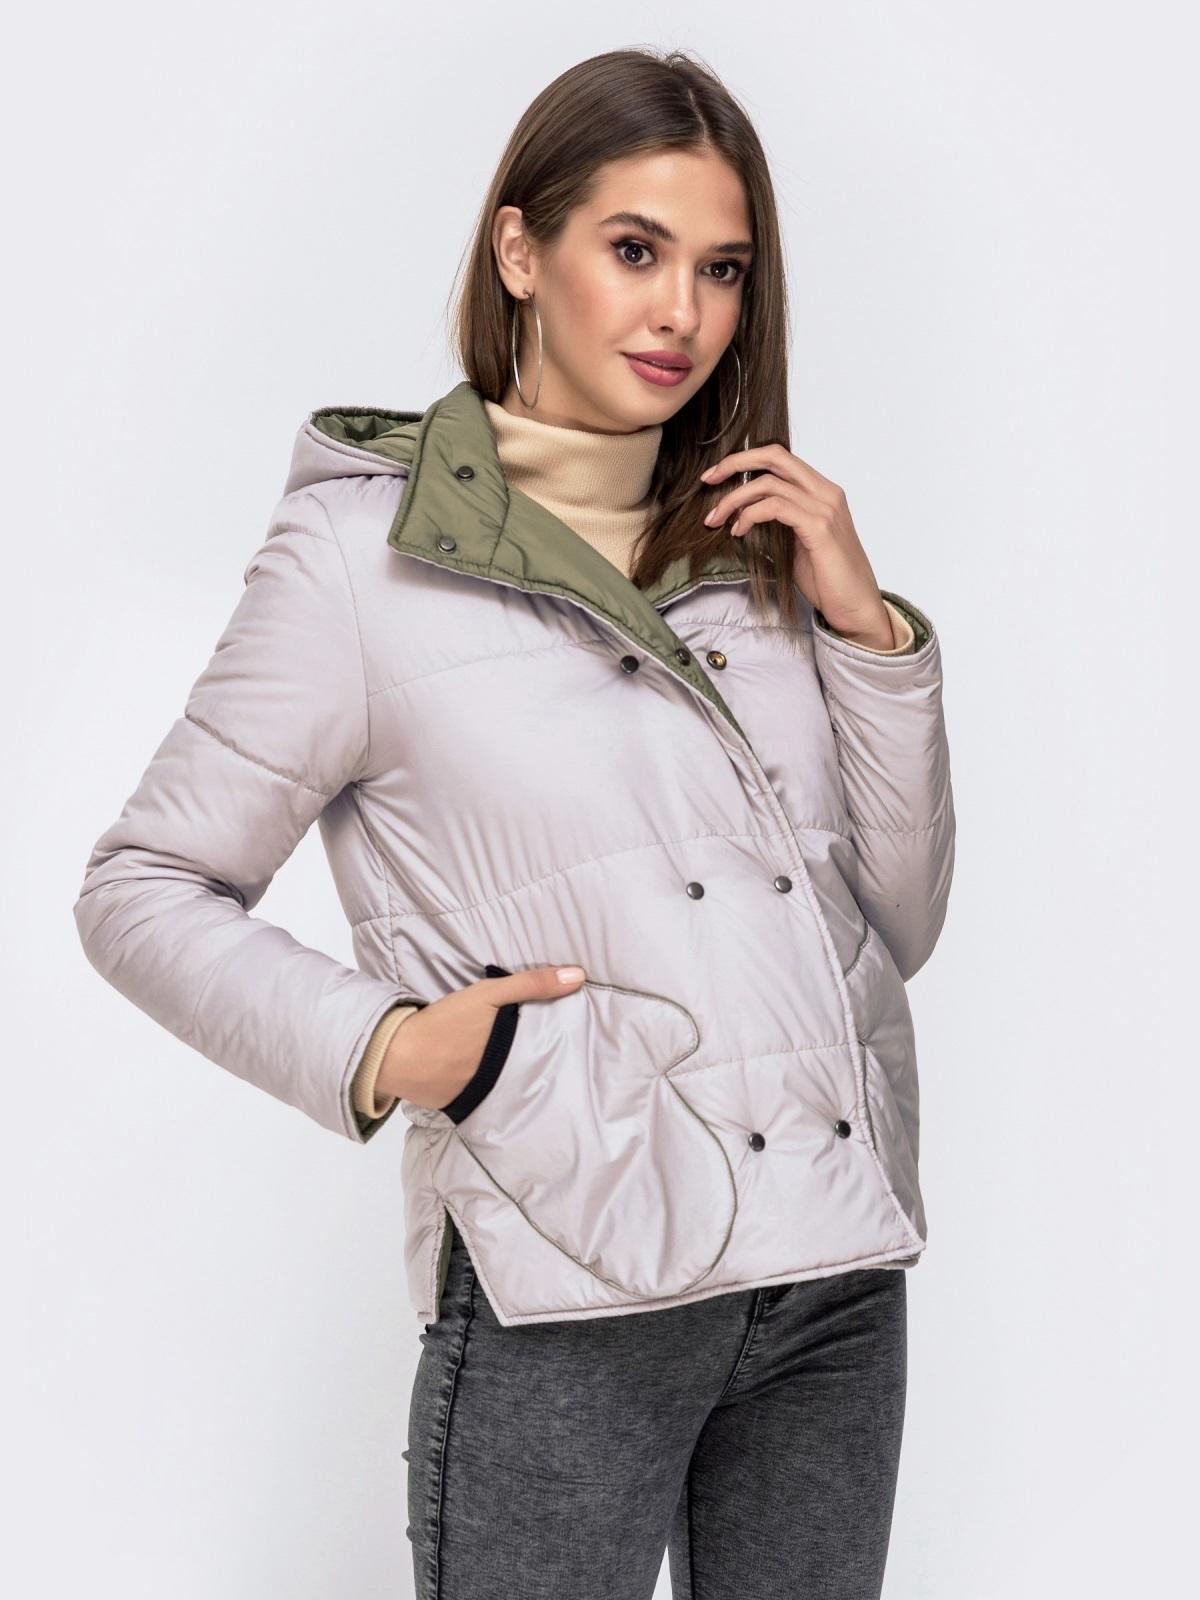 понимать, двухсторонние женские куртки фото оказалось, что